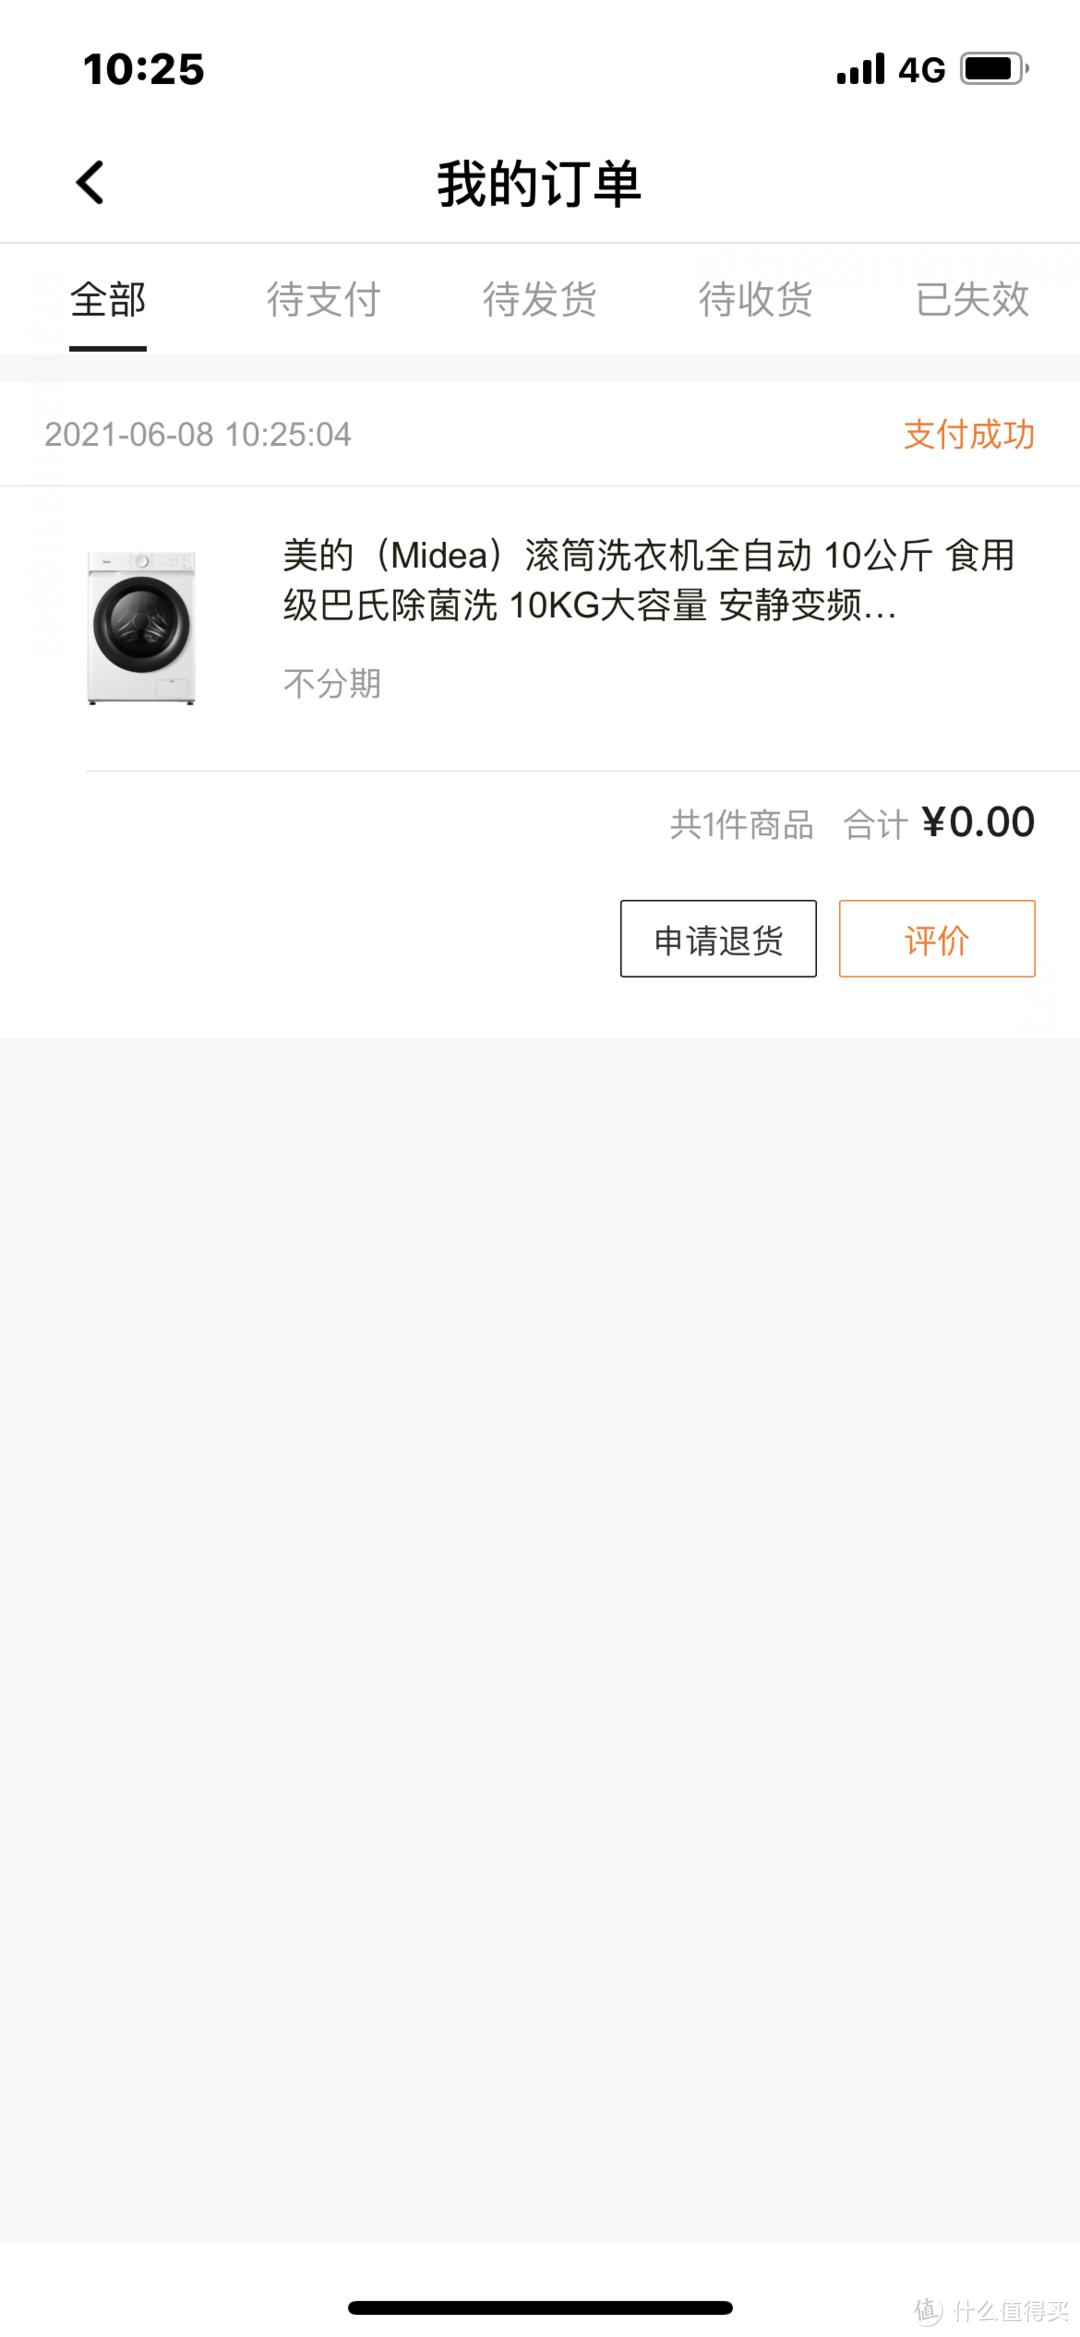 这款淘宝618价格是1599元